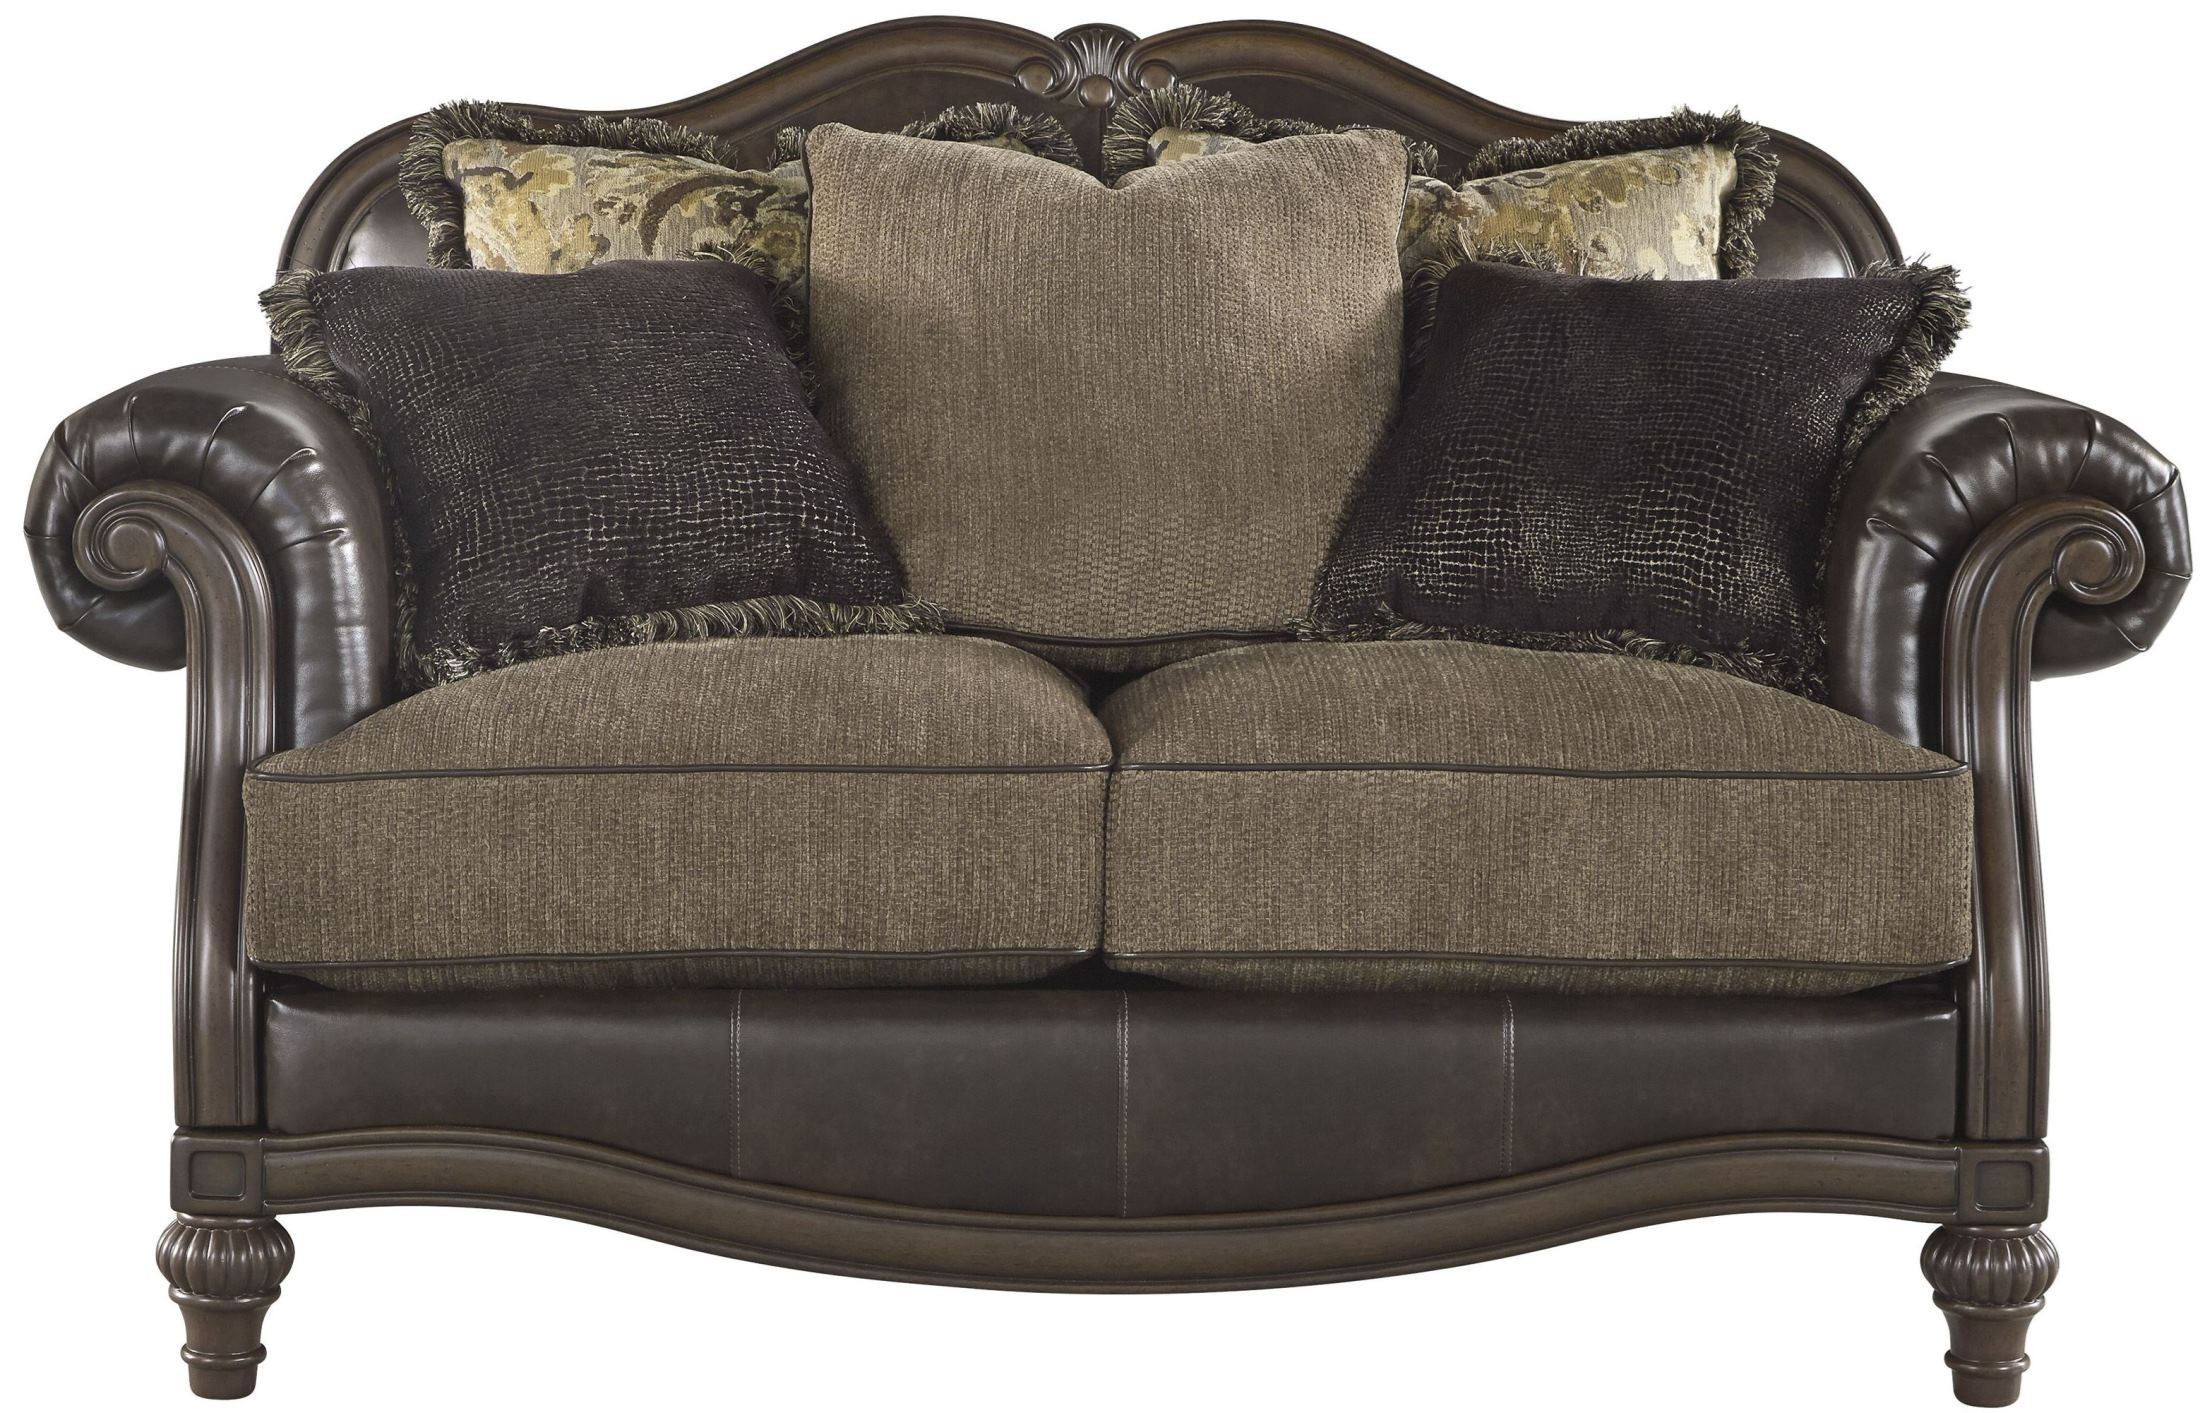 Winnsboro durablend vintage living room set from ashley coleman furniture - Vintage furniture living ...